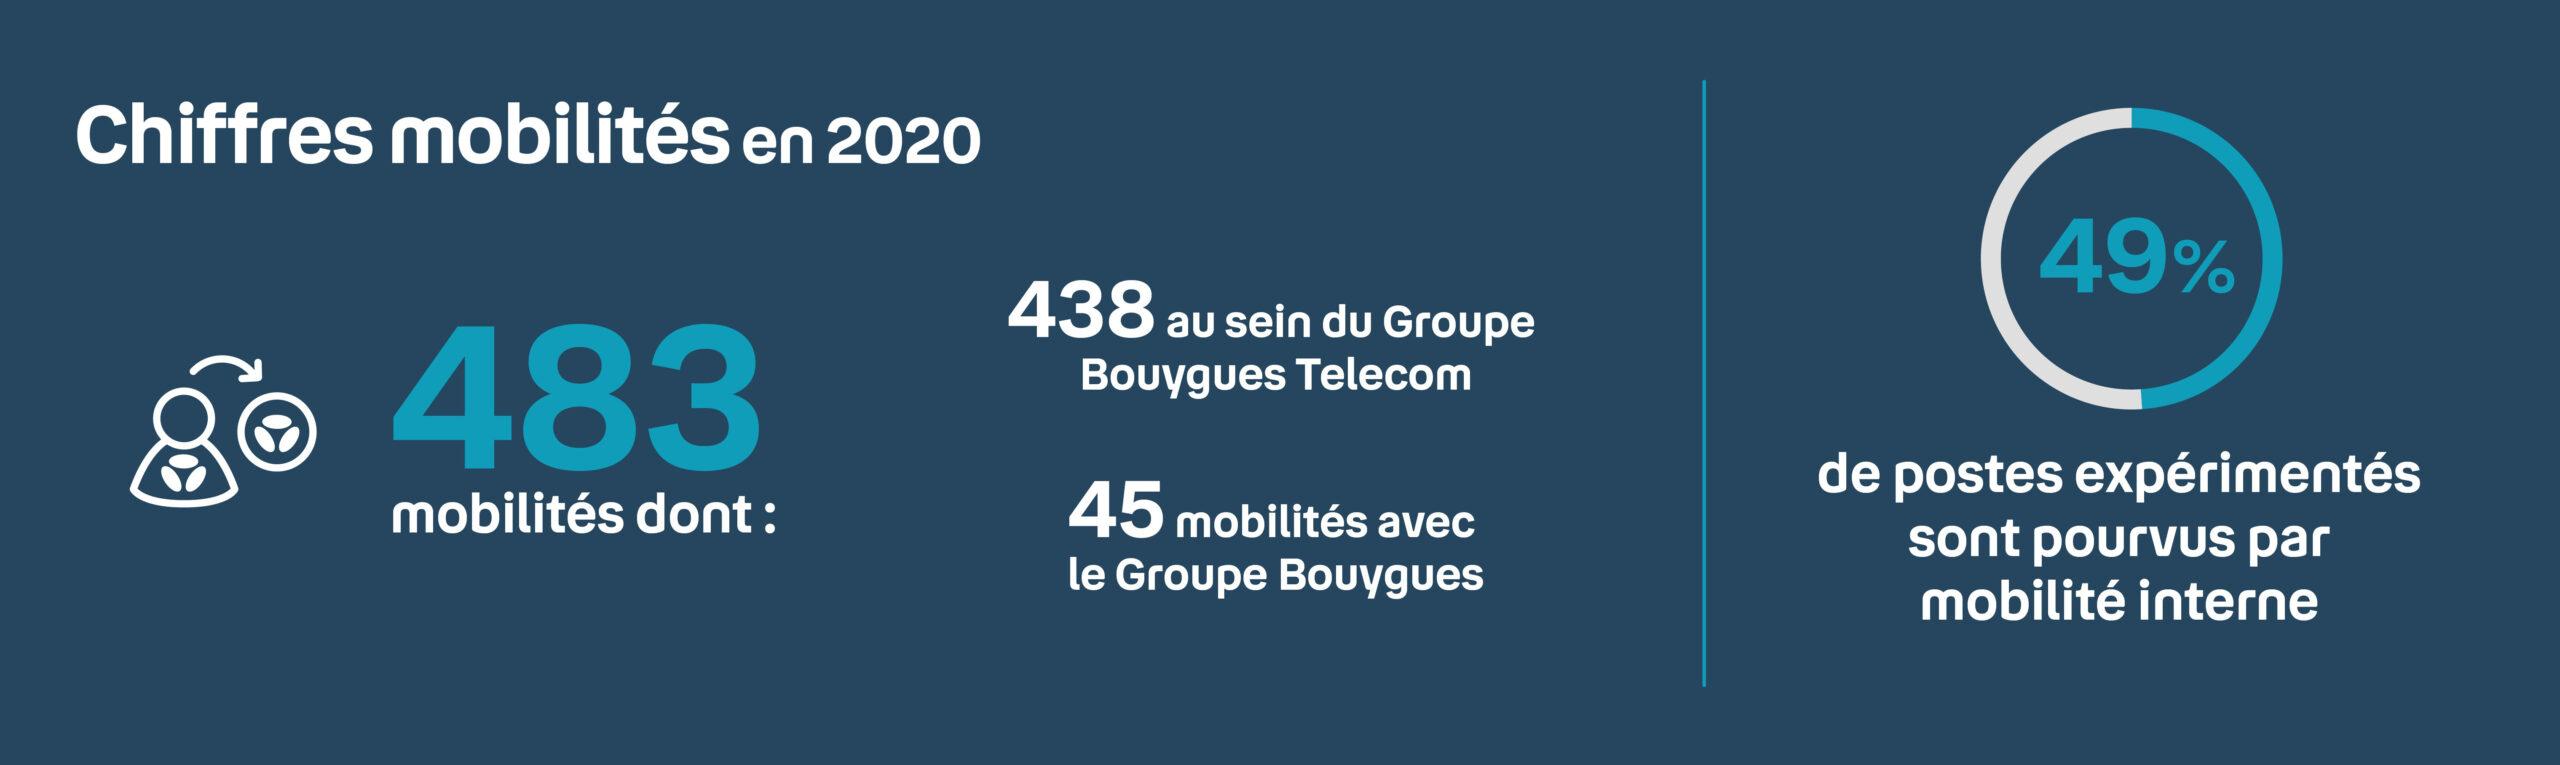 Infographie sur chiffres clés des Mobilités chez Bouygues Telecom en 2020